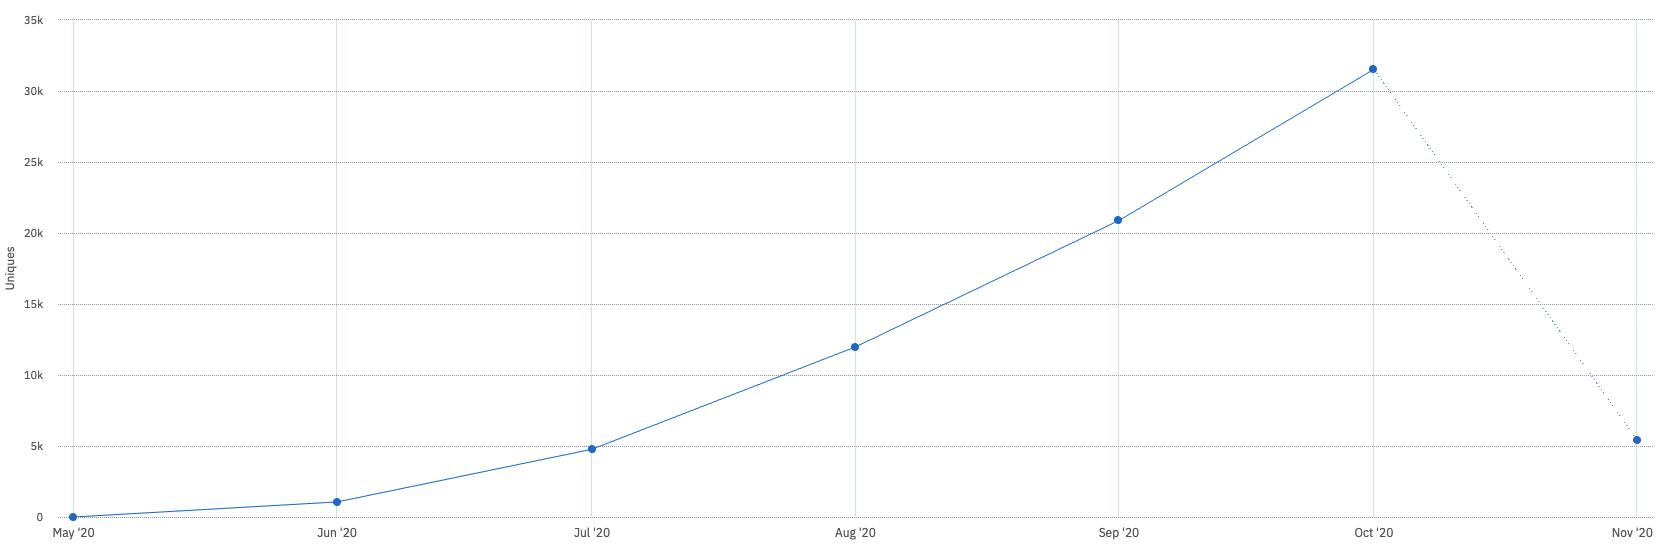 June 2020: ~1K installs. July 2020: ~5K installs. August 2020: ~12K installs. September 2020: ~20K installs. October 2020: ~30K installs.